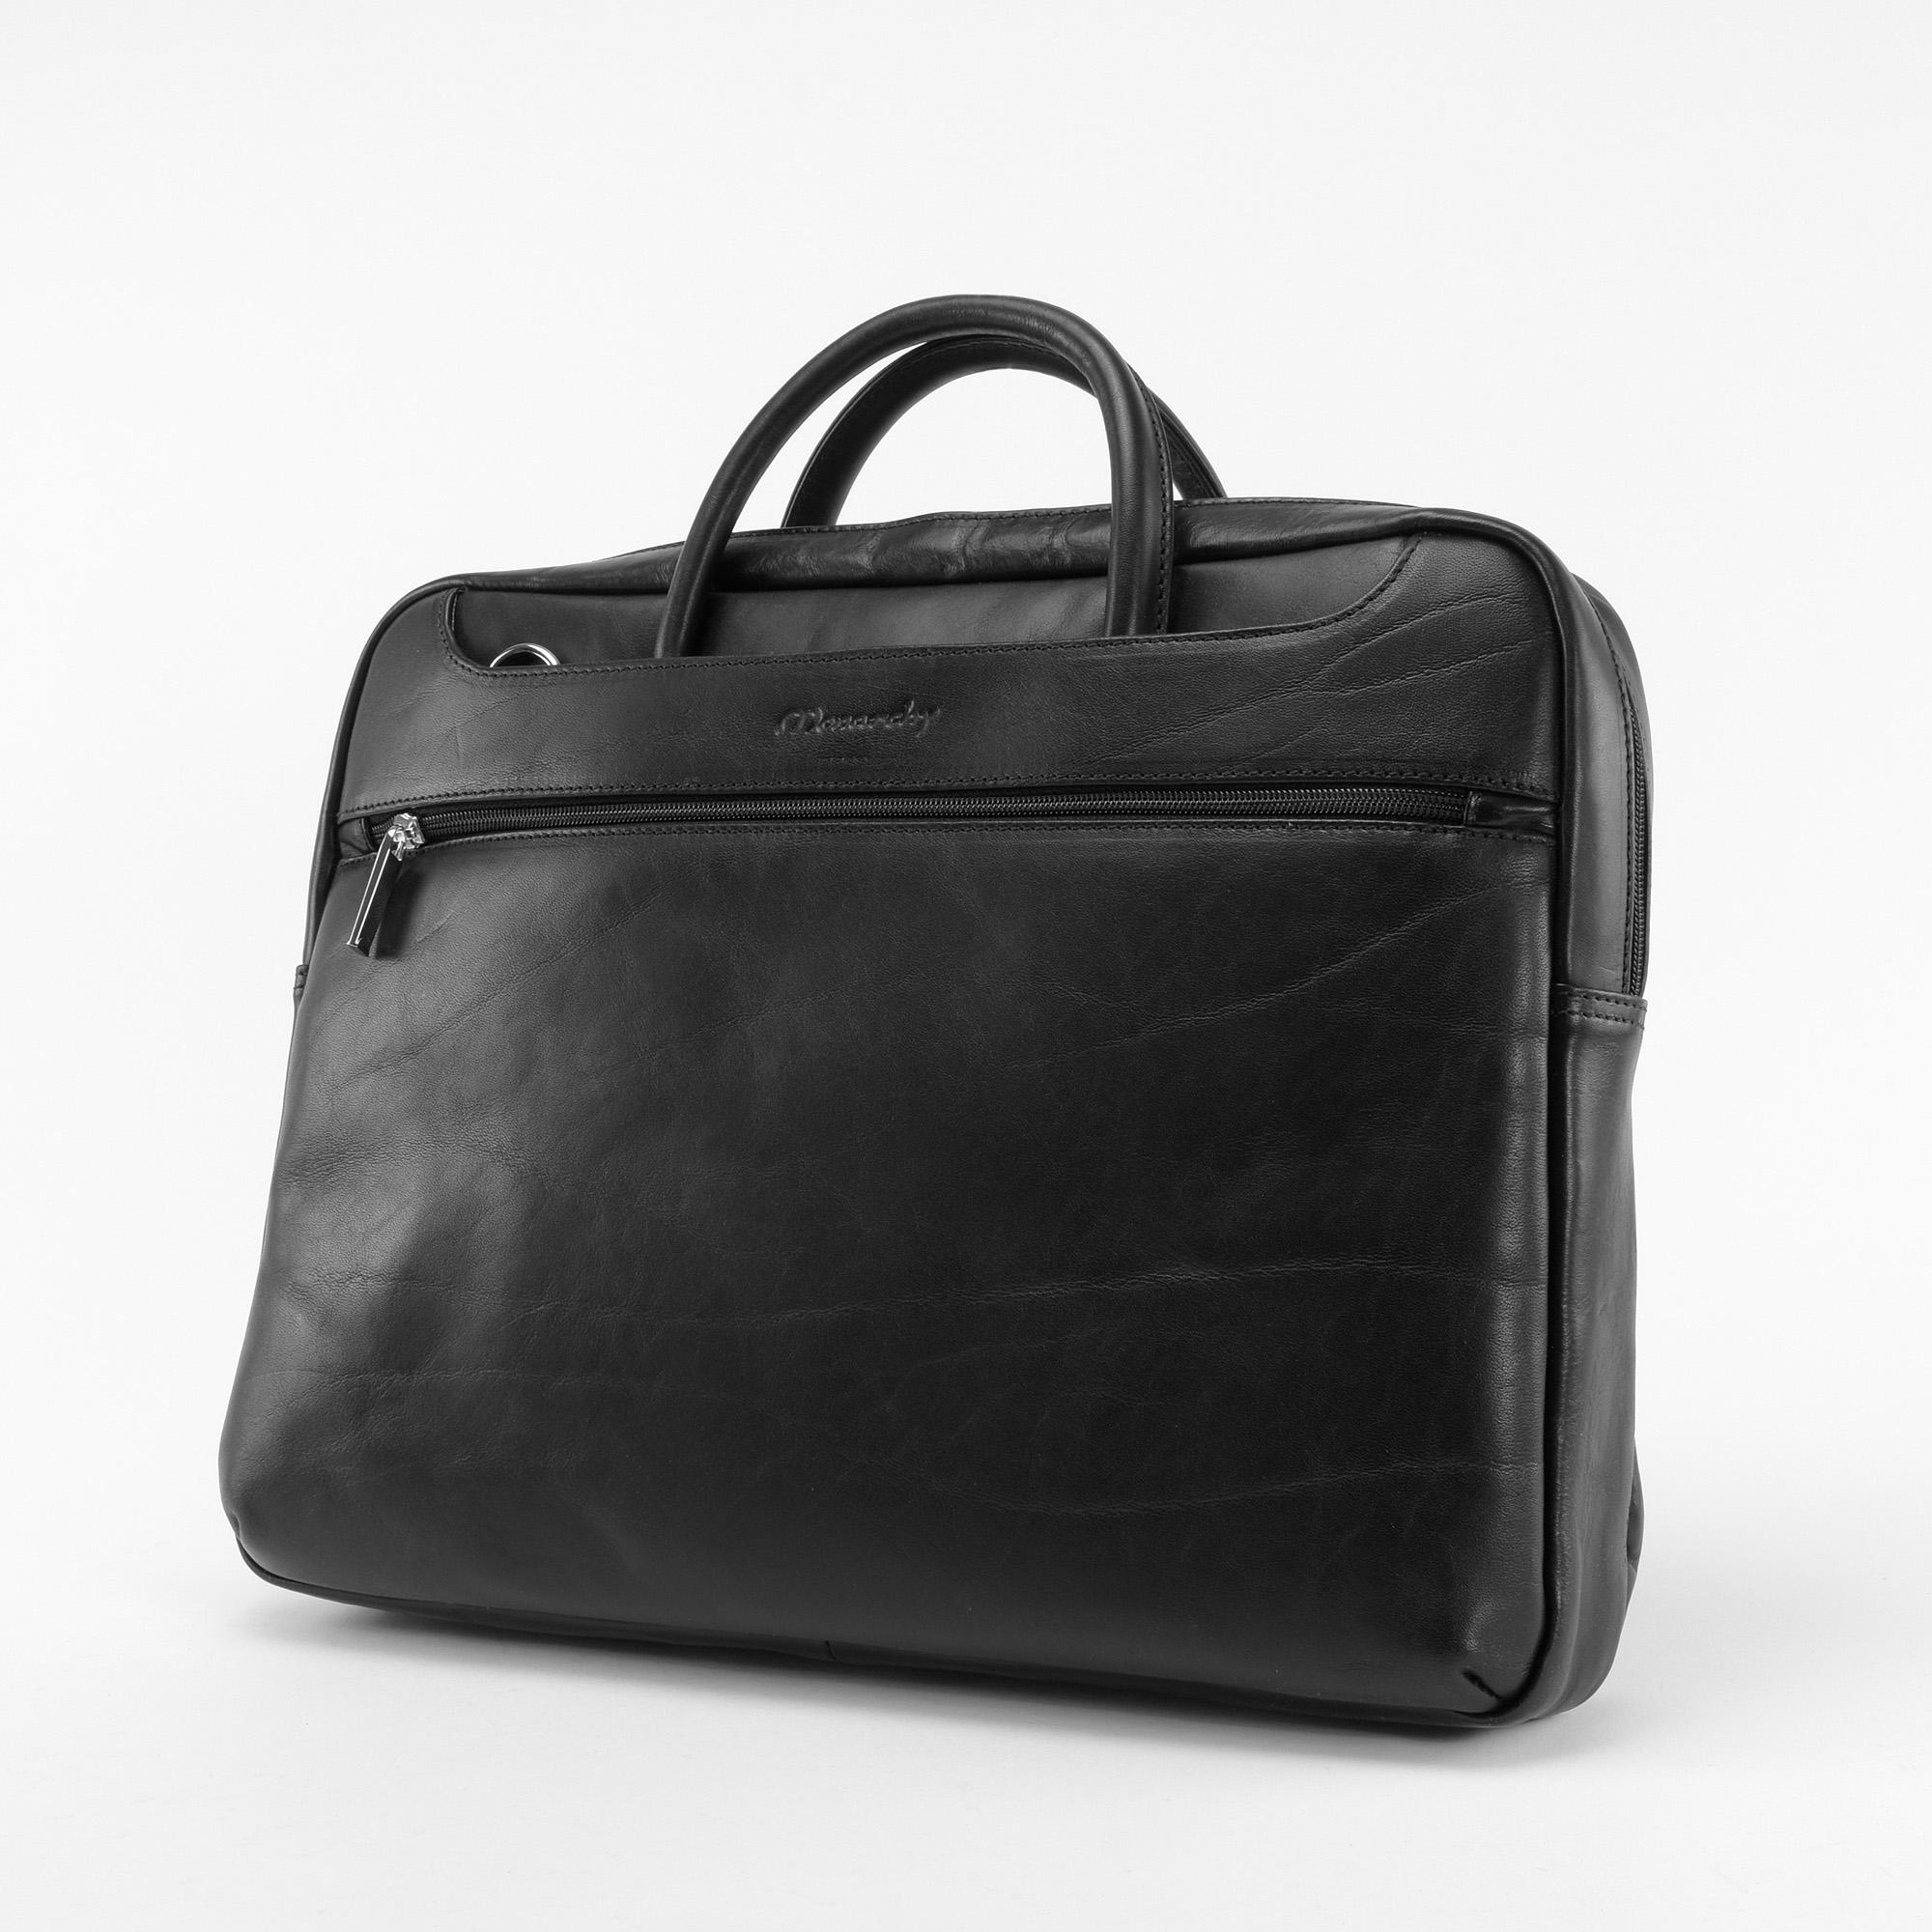 Monarchy Moto Fekete Valódi Bőr Laptoptáska - LAPTOP TÁSKÁK - Táska  webáruház - Minőségi táskák mindenkinek d697edaab1